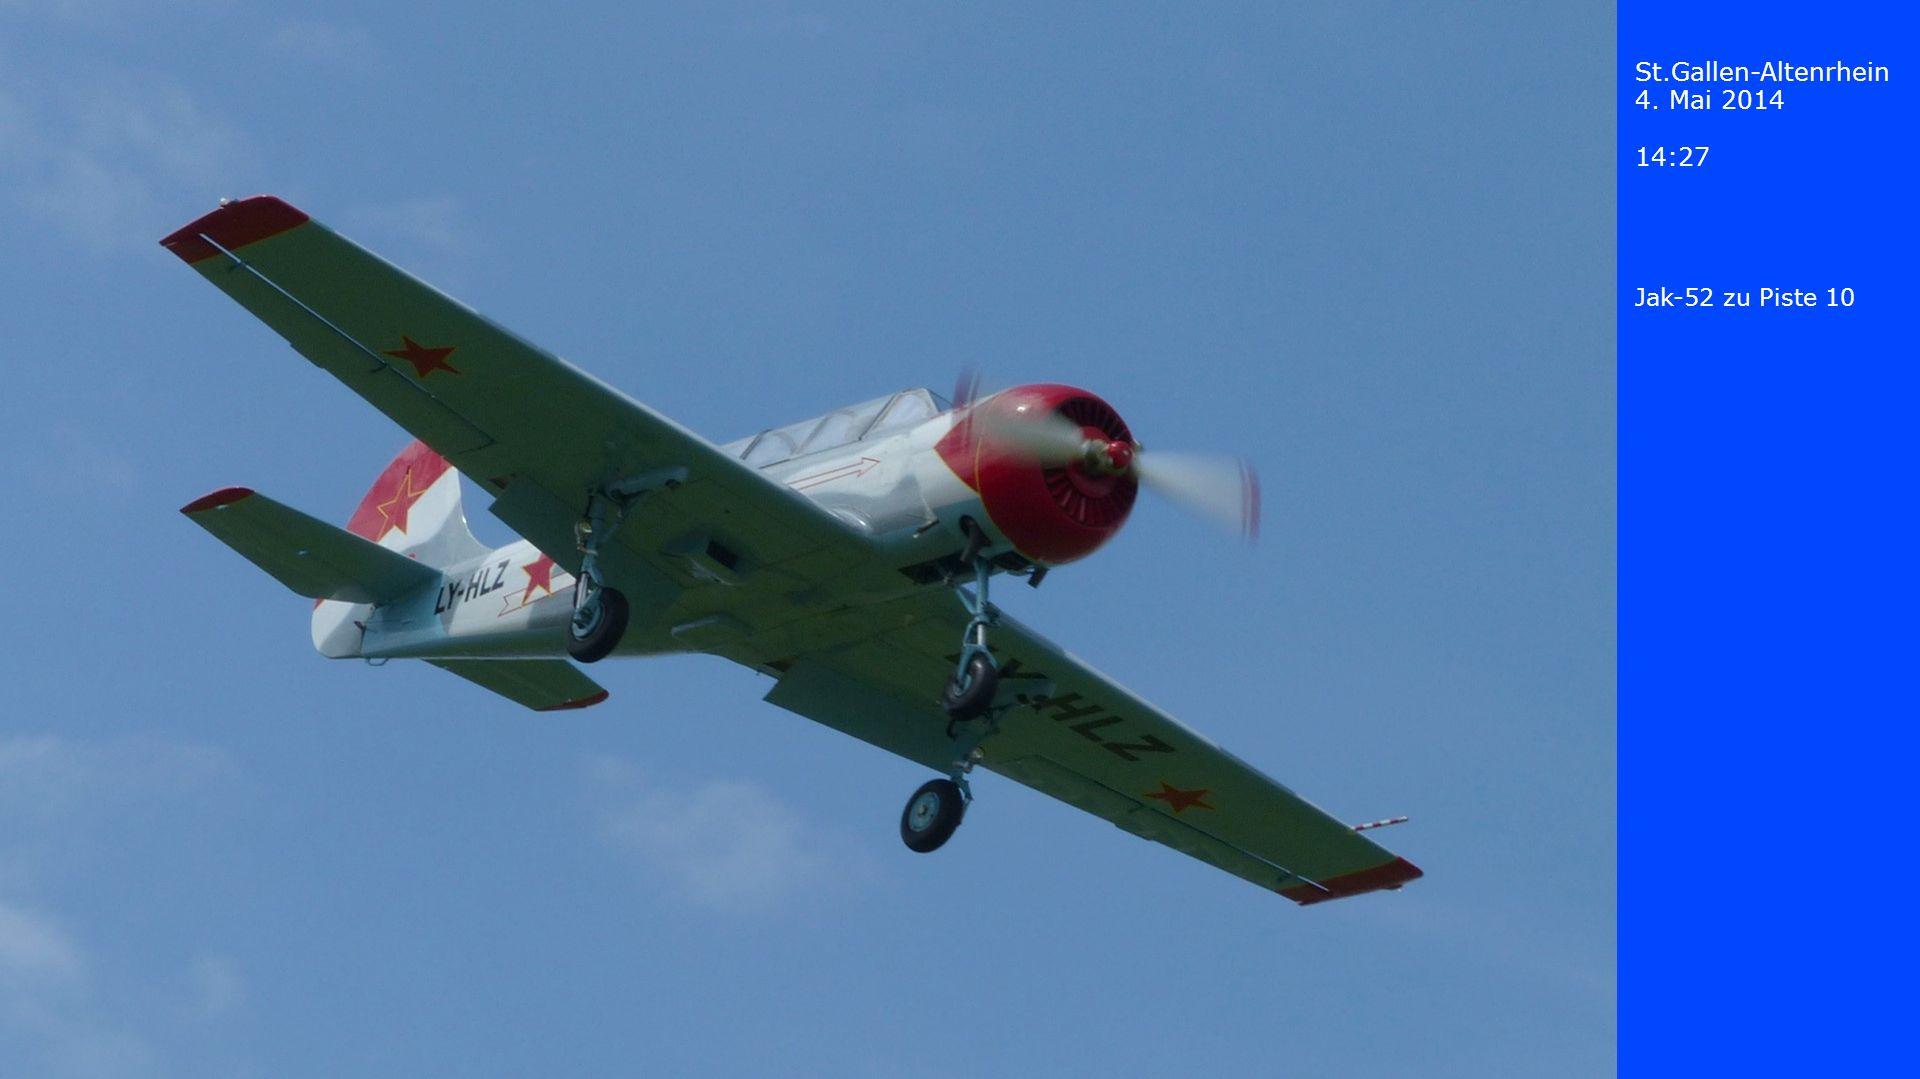 St.Gallen-Altenrhein 4. Mai 2014 14:27 Jak-52 zu Piste 10